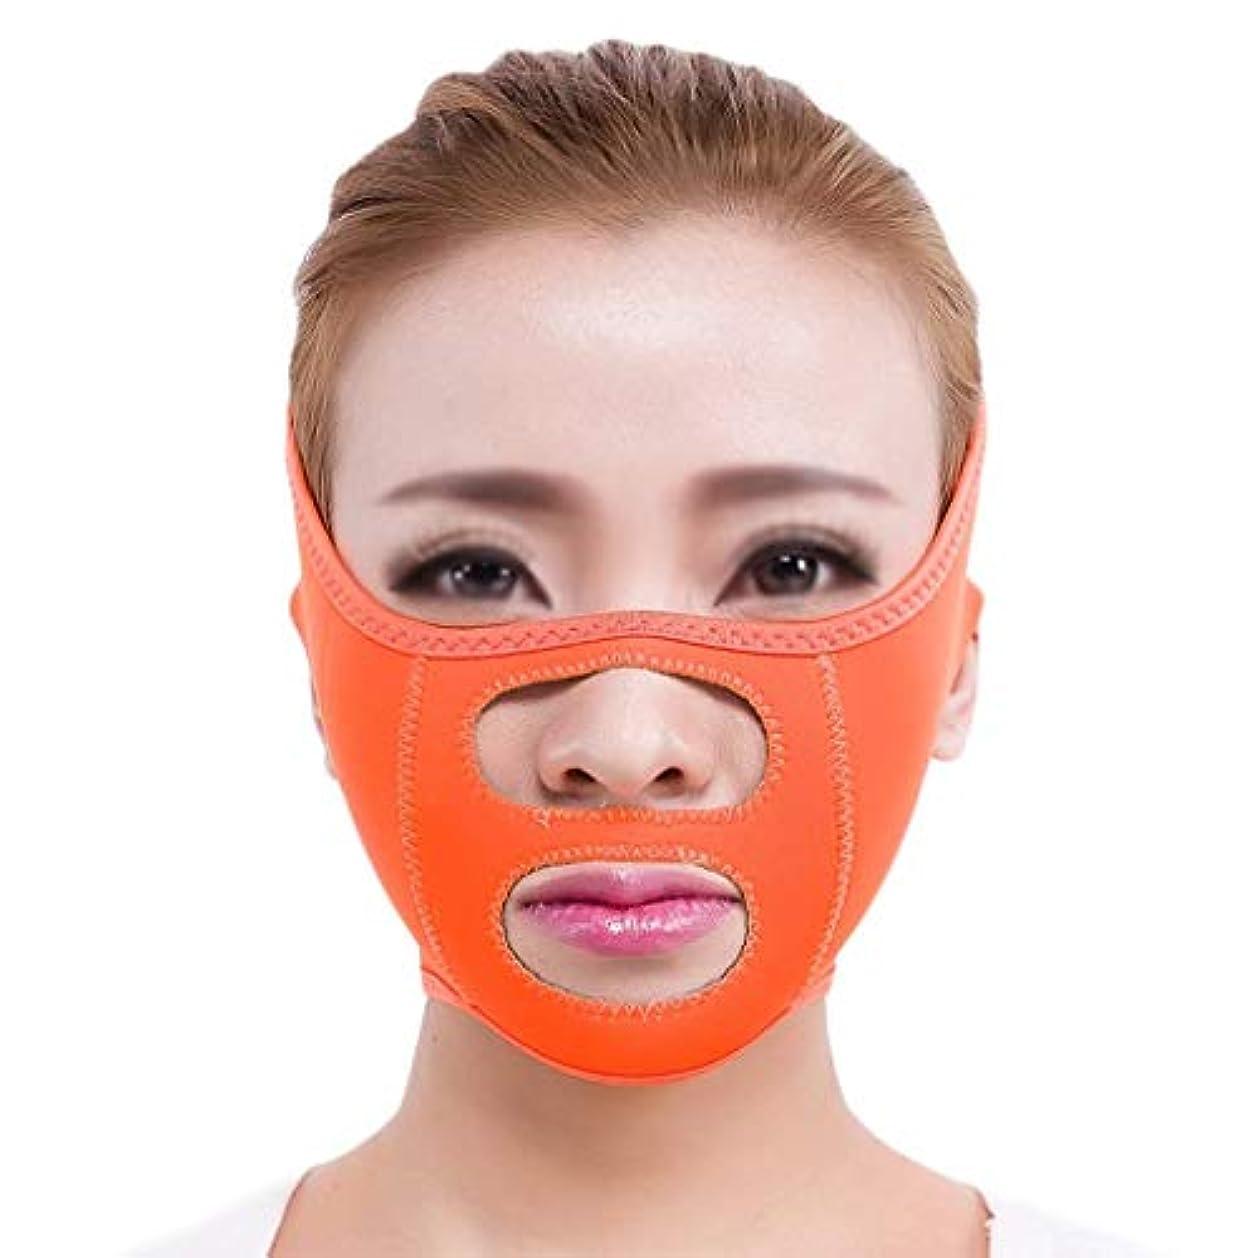 啓発する飢え自動チンストラップ、フェイスリフティングマスク、ダブルチン、フェイスリフティングに最適、リフティングフェイシャルスキン、フェイシャル減量マスク、フェイスリフティングベルト(フリーサイズ)(カラー:ブルー),オレンジ